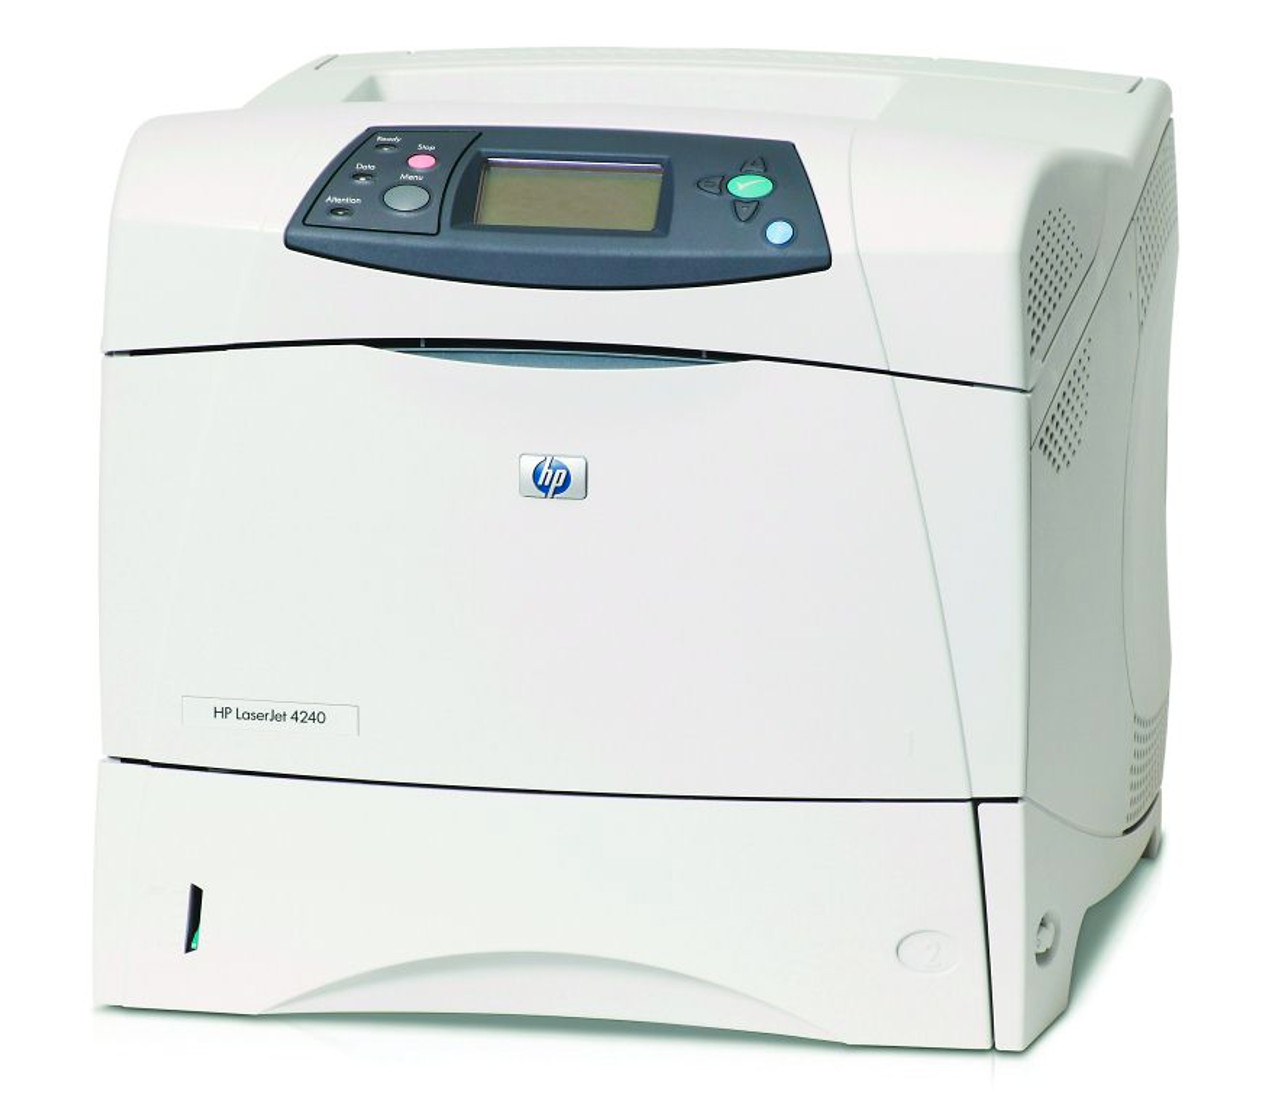 HP LaserJet 4240n - Q7785A - HP Laser Printer for sale